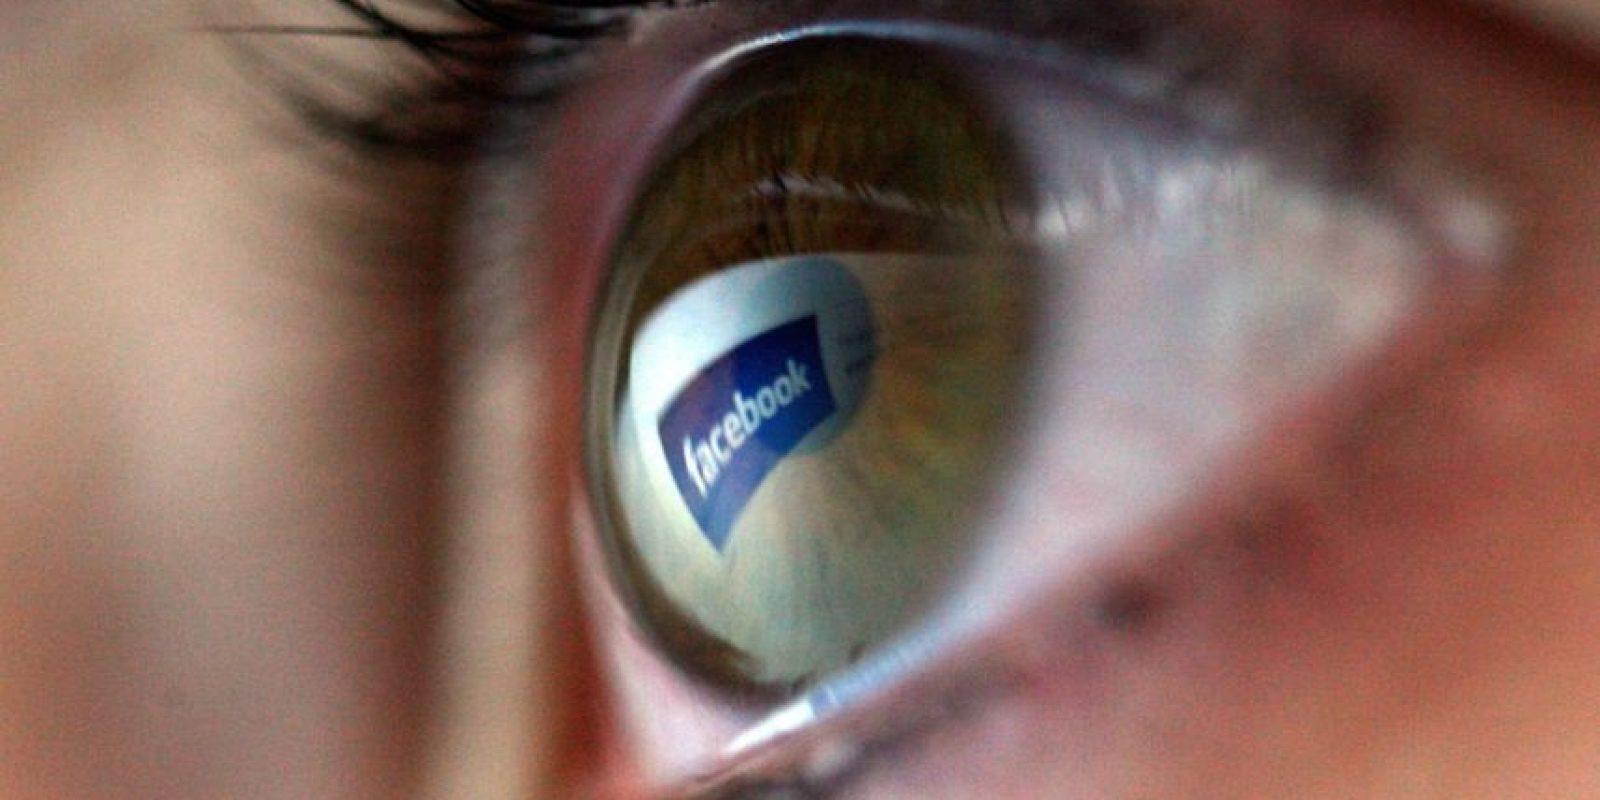 Para evitar ataques en Facebook, les mostramos algunos consejos para evitar se víctimas de delincuentes cibernéticos. Foto:Getty Images